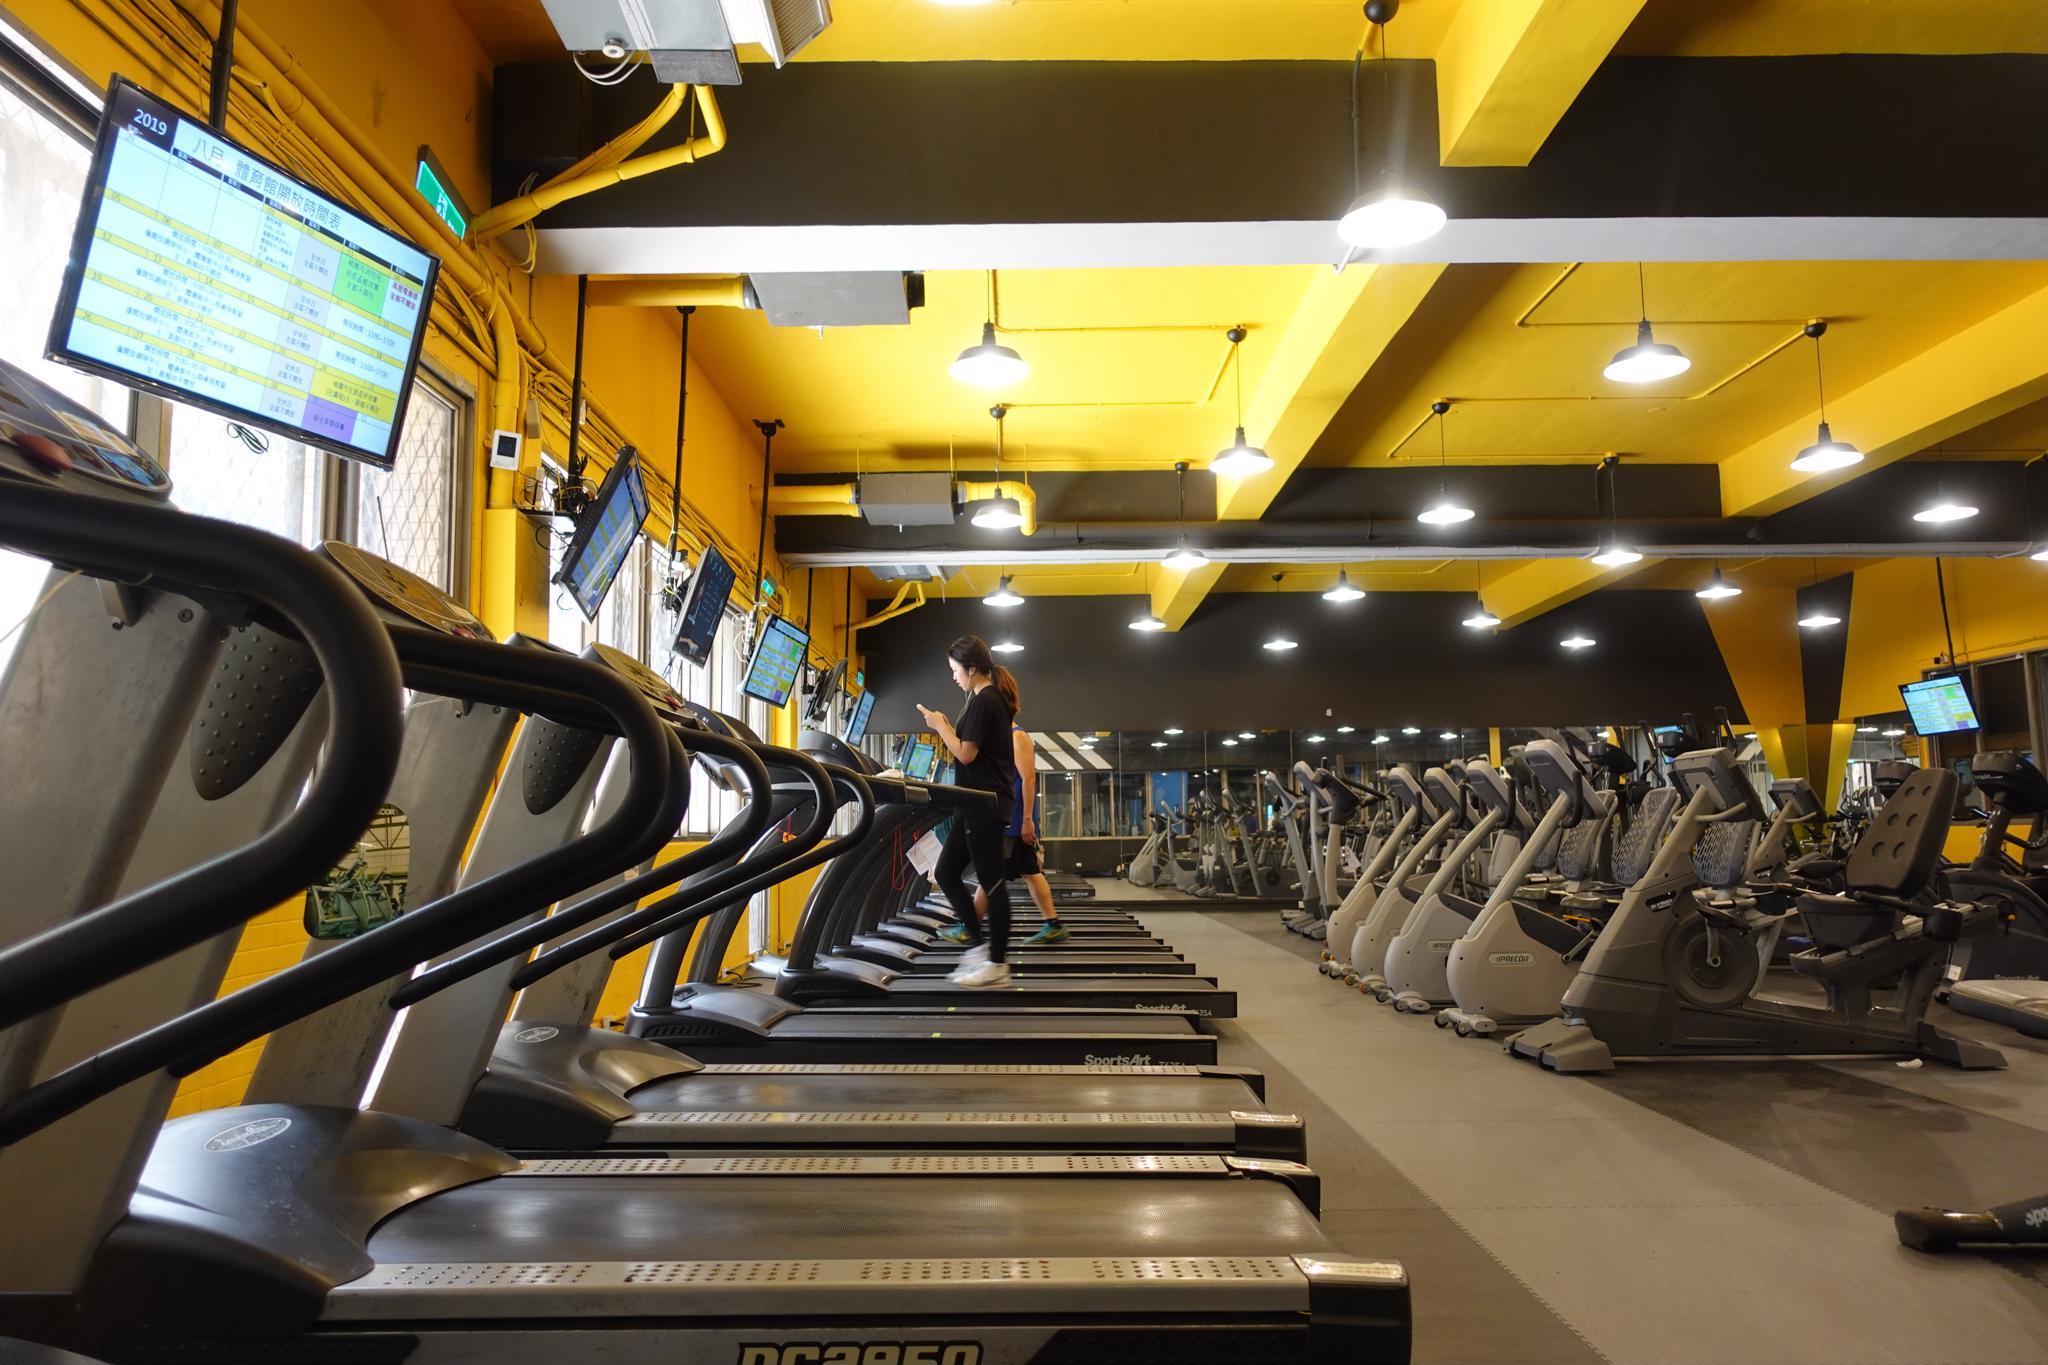 中原大學重視健康 為學生打造五星健身房